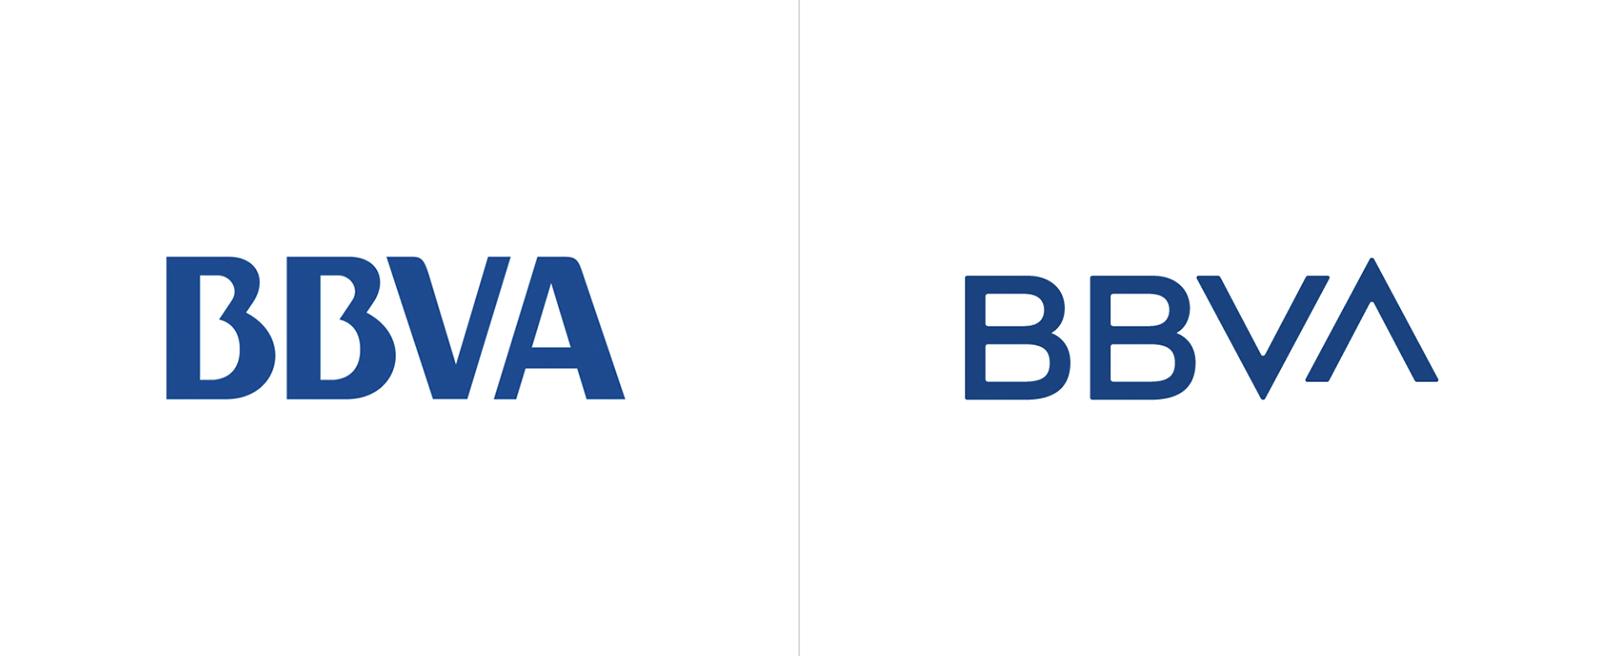 世界上最大的金融機構之一的BBVA啟動全新的品牌VI形象-深圳VI設計